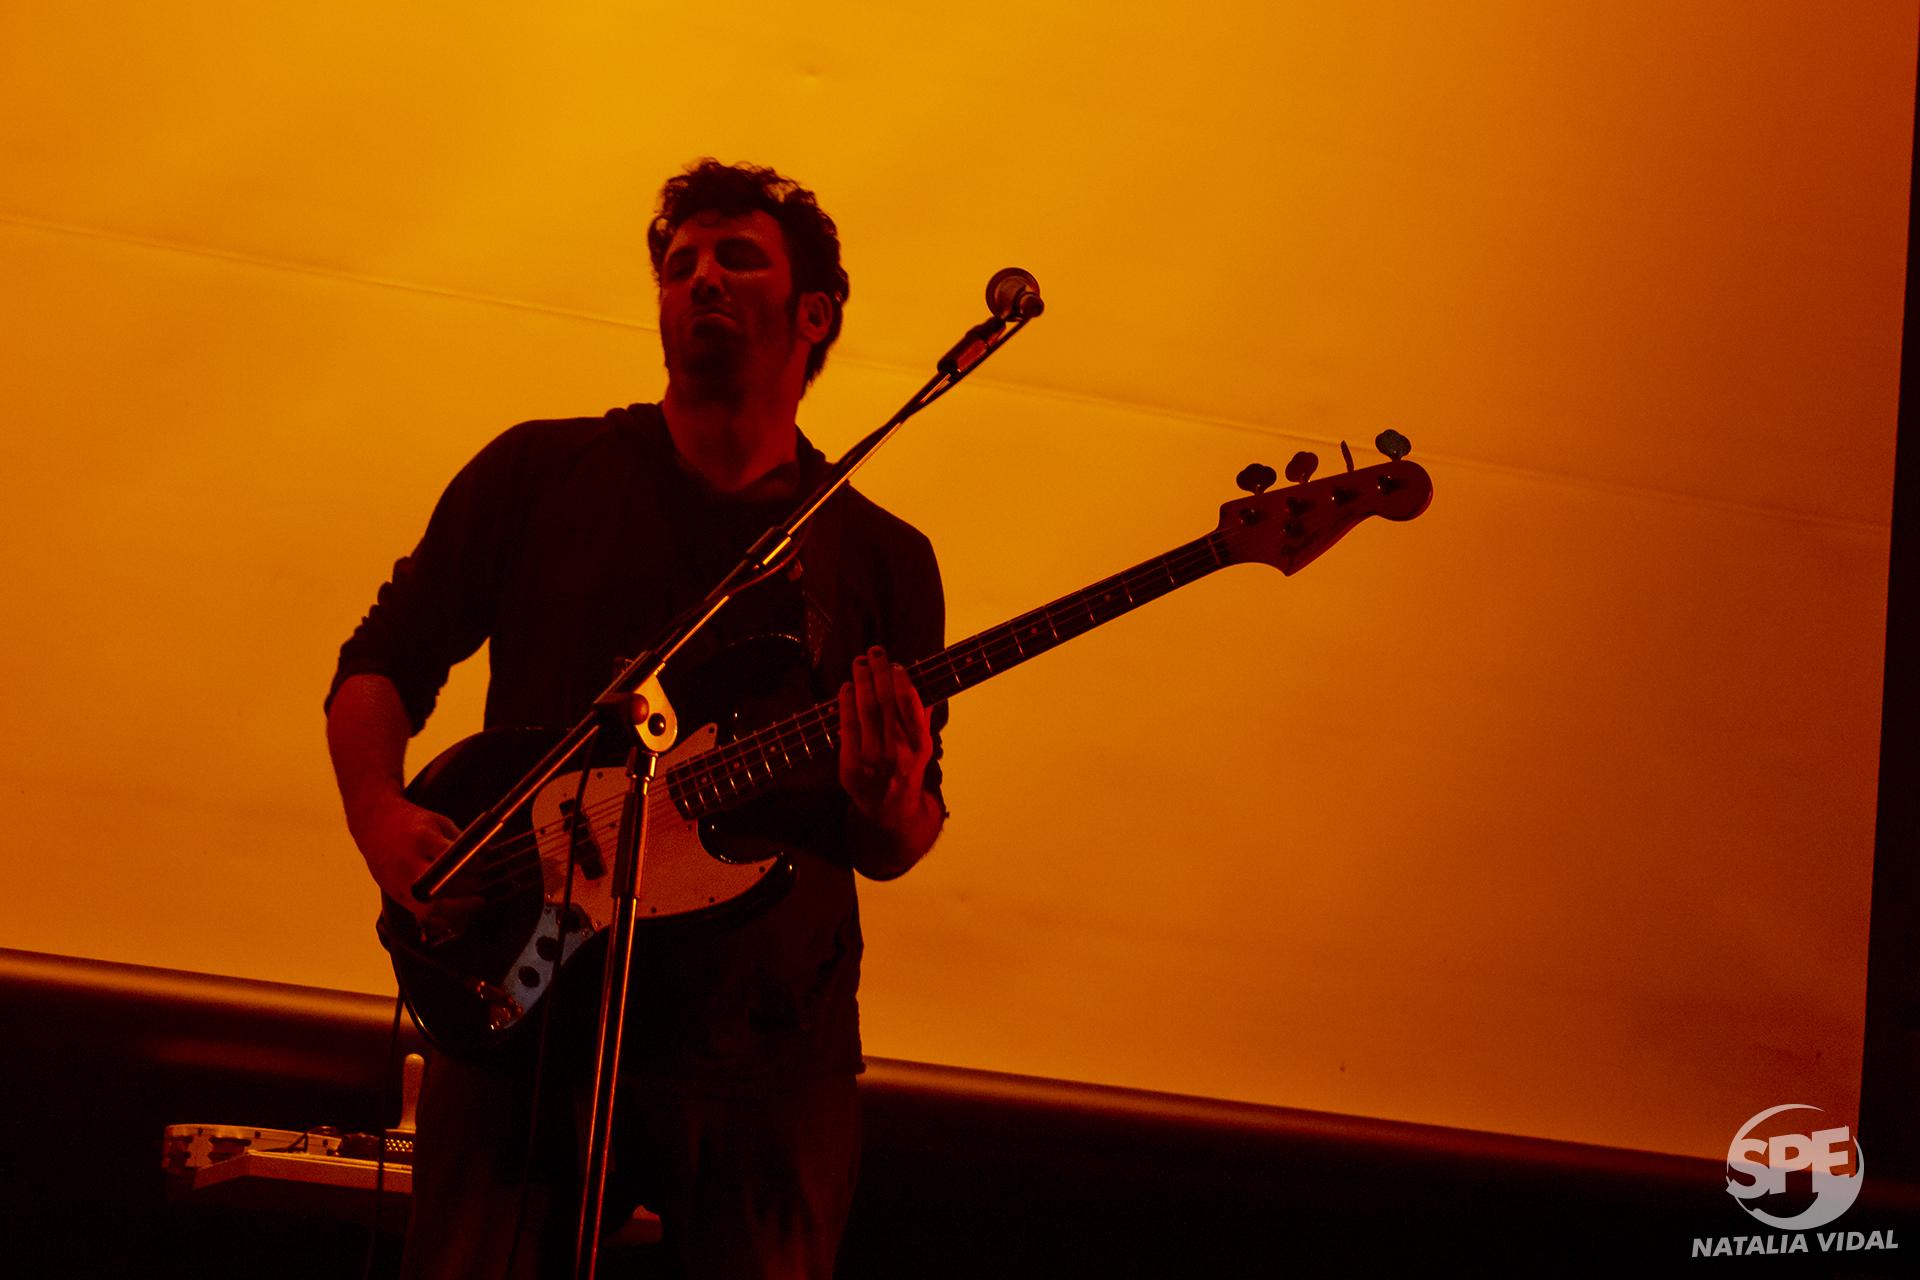 Julian-Desbats-Y-La-Romantica-Bailable-Caras-Y-Caretas-12-07-18-Natalia-Vidal-Solo-Para-Entendidos_1332.jpg